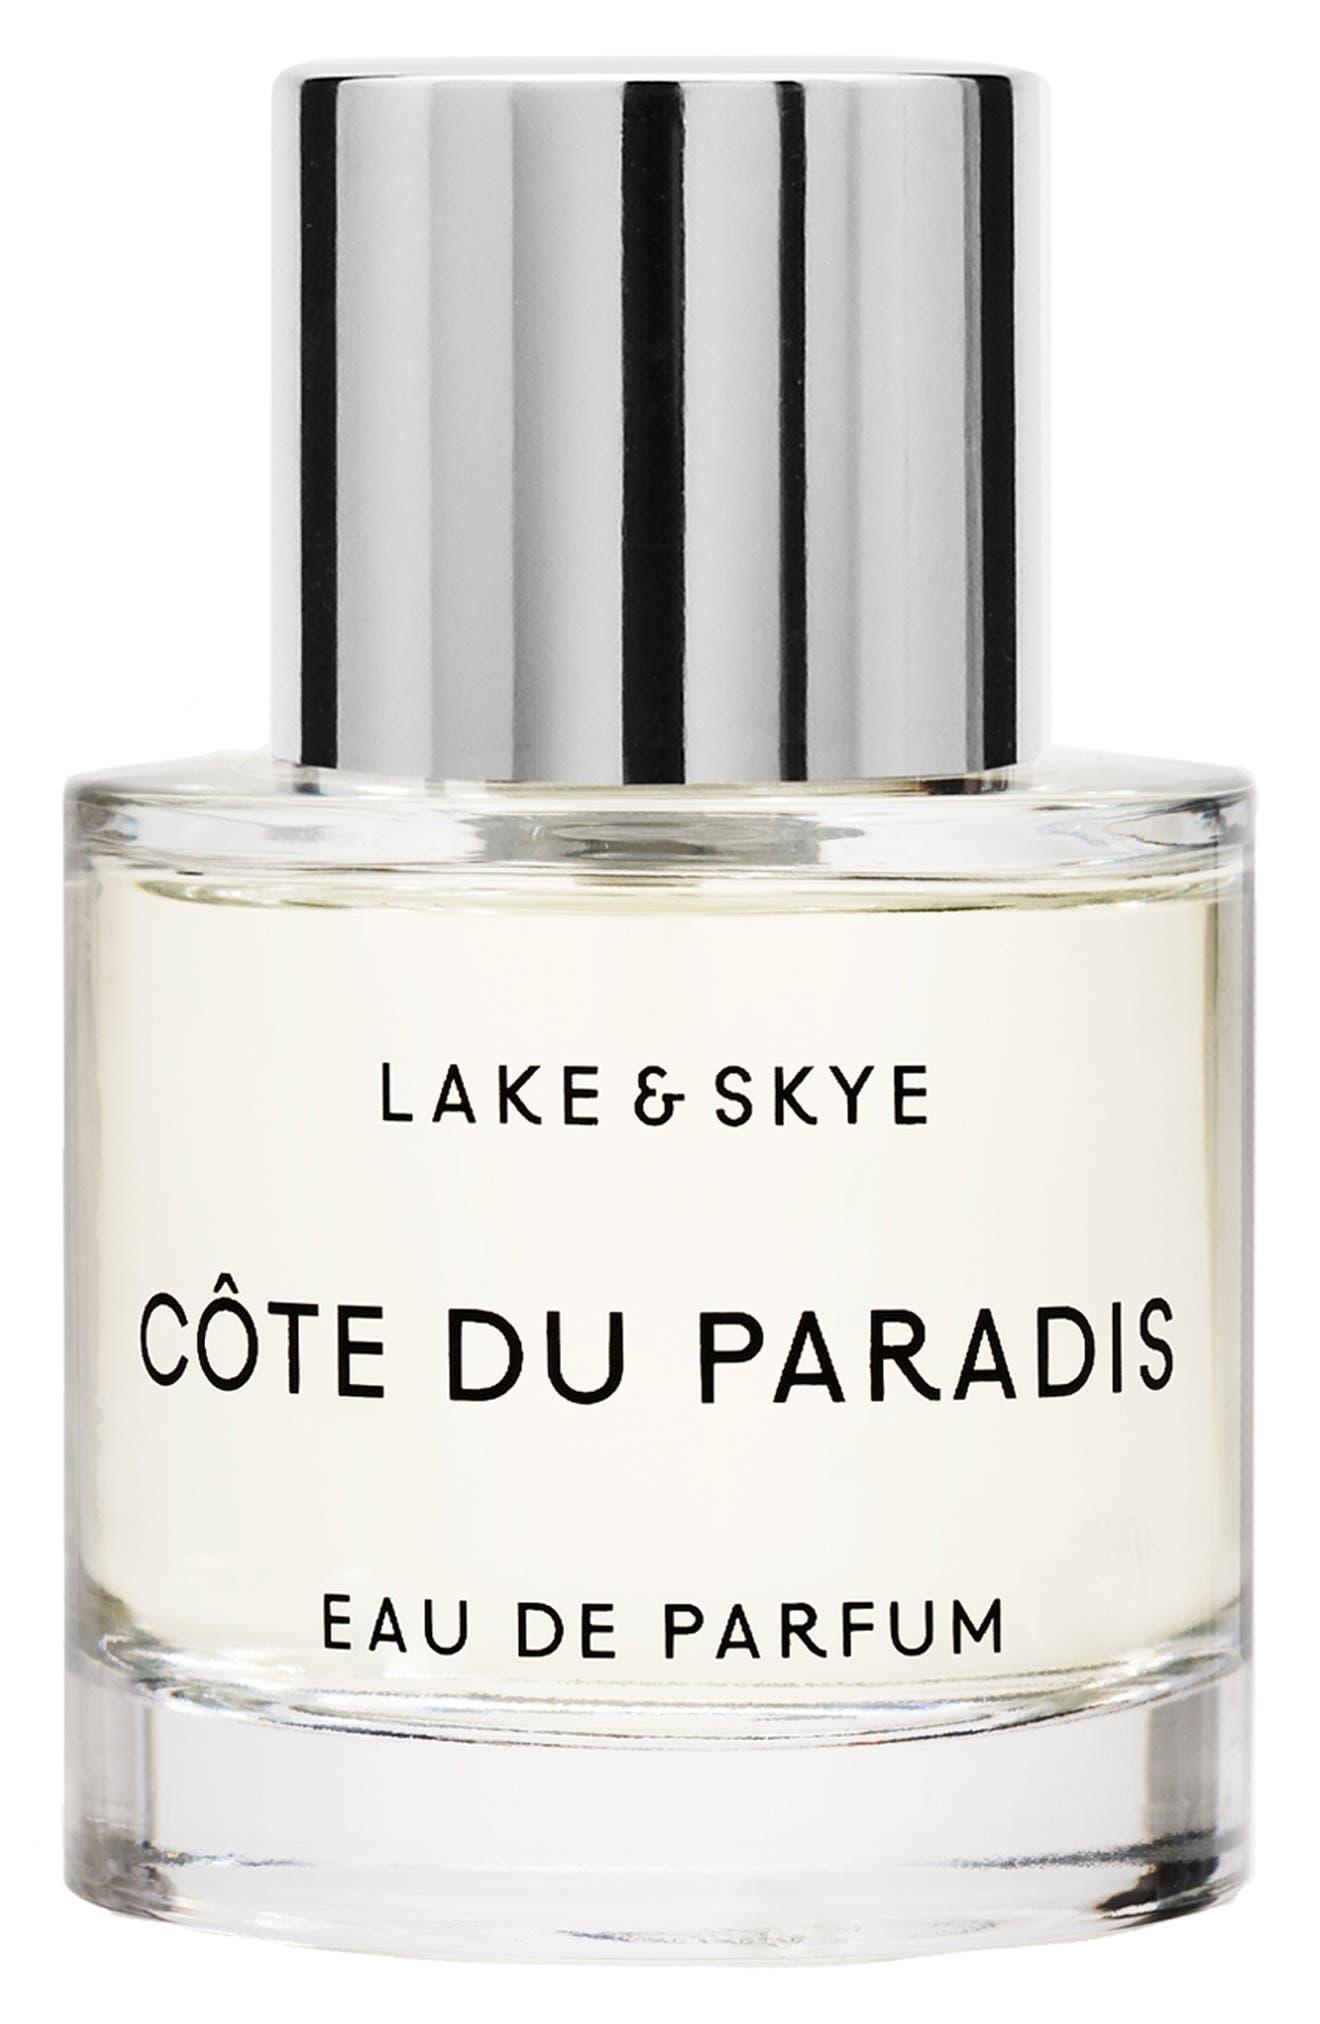 Lake & Skye Cote Du Paradis Eau De Parfum